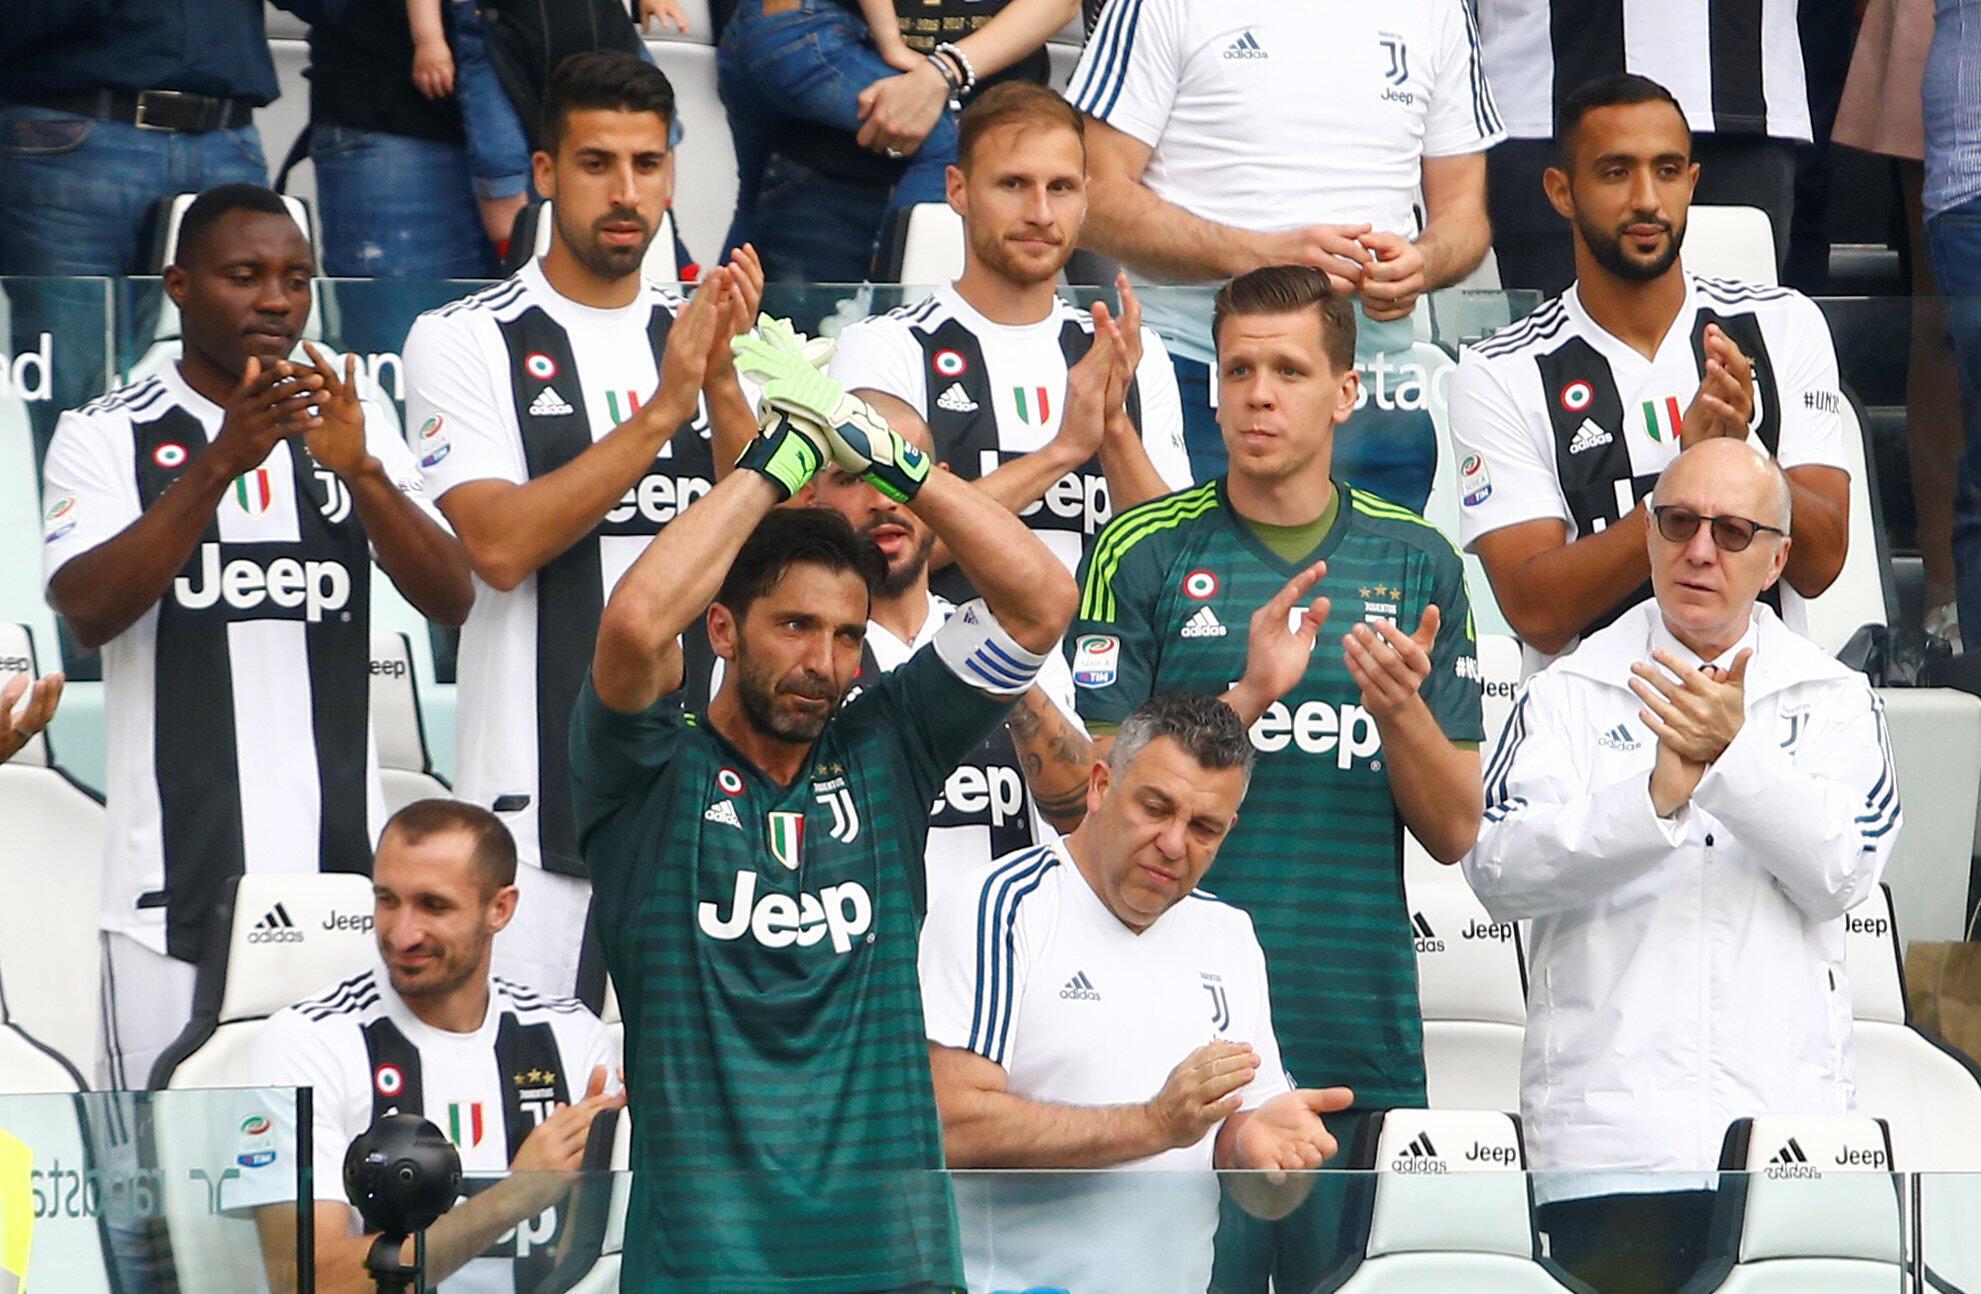 Juventus dai na da zabin ko dai ta yi kokarin yin nasara kan Atletico a zagaye na 2 na wasannin zagayen kungiyoyin 16 ko kuma kai tsaye Atletico ta cire a matakin wanda ke matsayin kasa da matakin da ta kai a bara